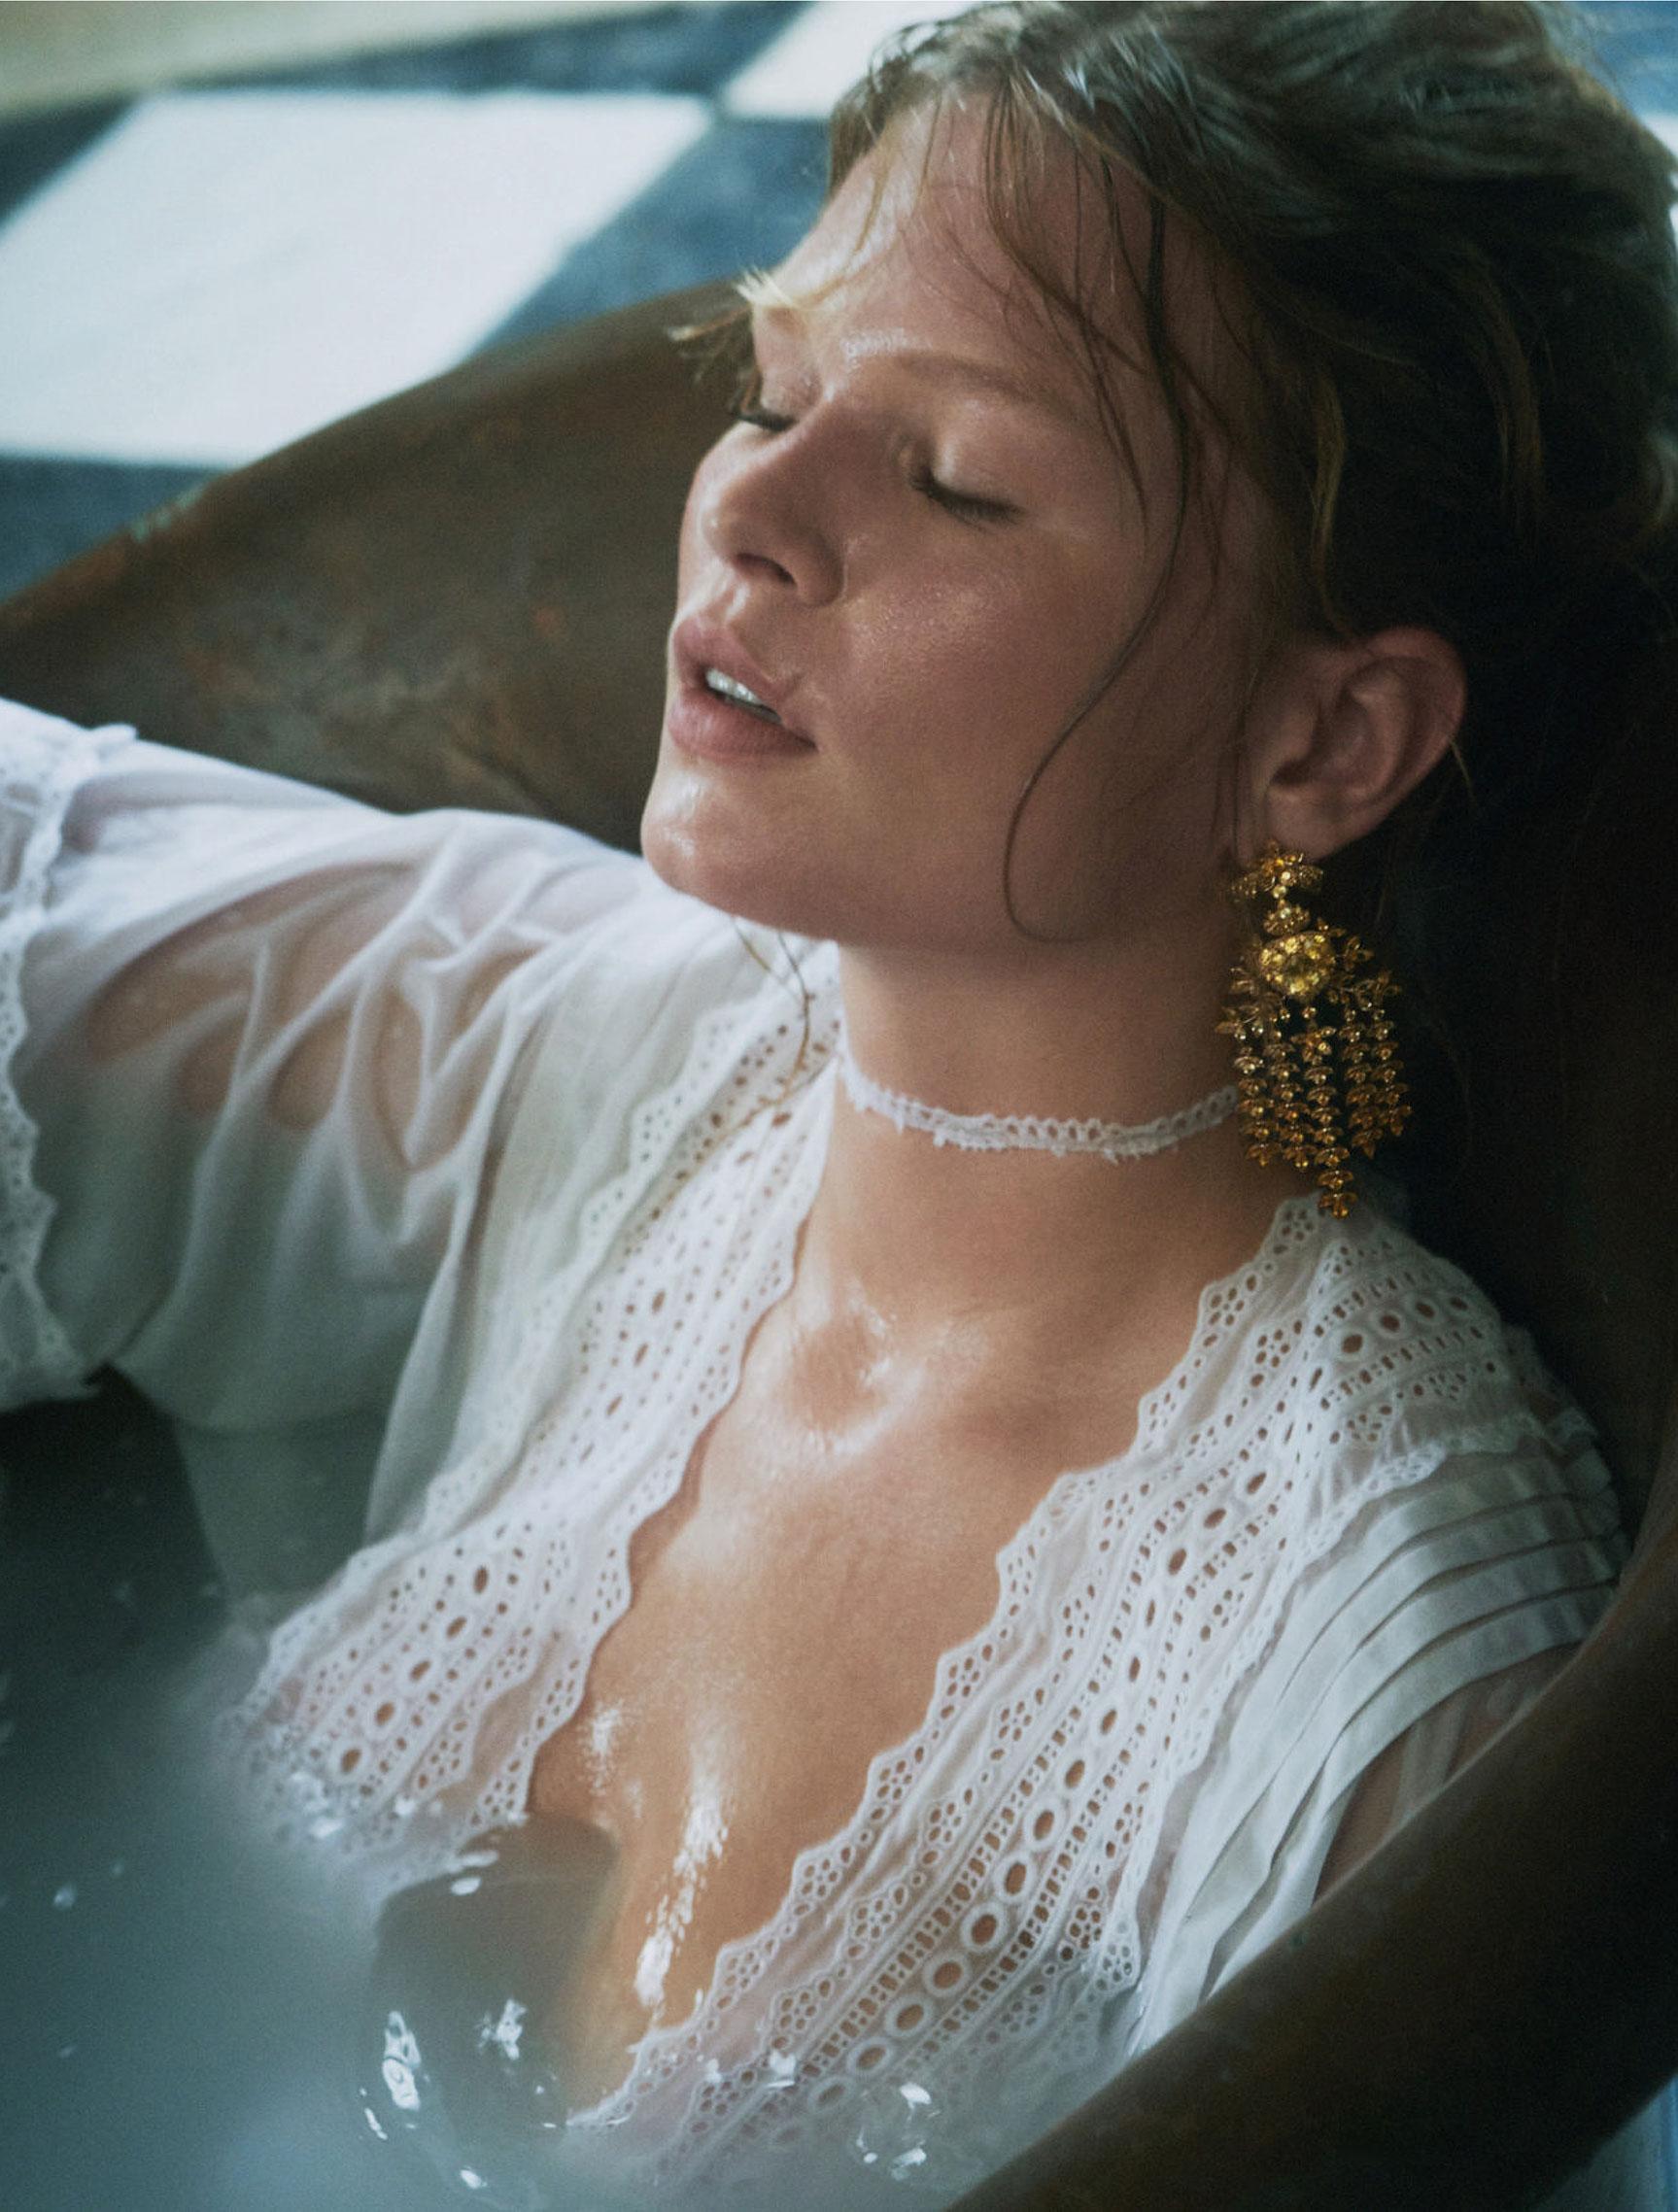 Обычная жизнь королевы / Анна Юэрс, фотограф Шарлотта Уэльс / фото 05